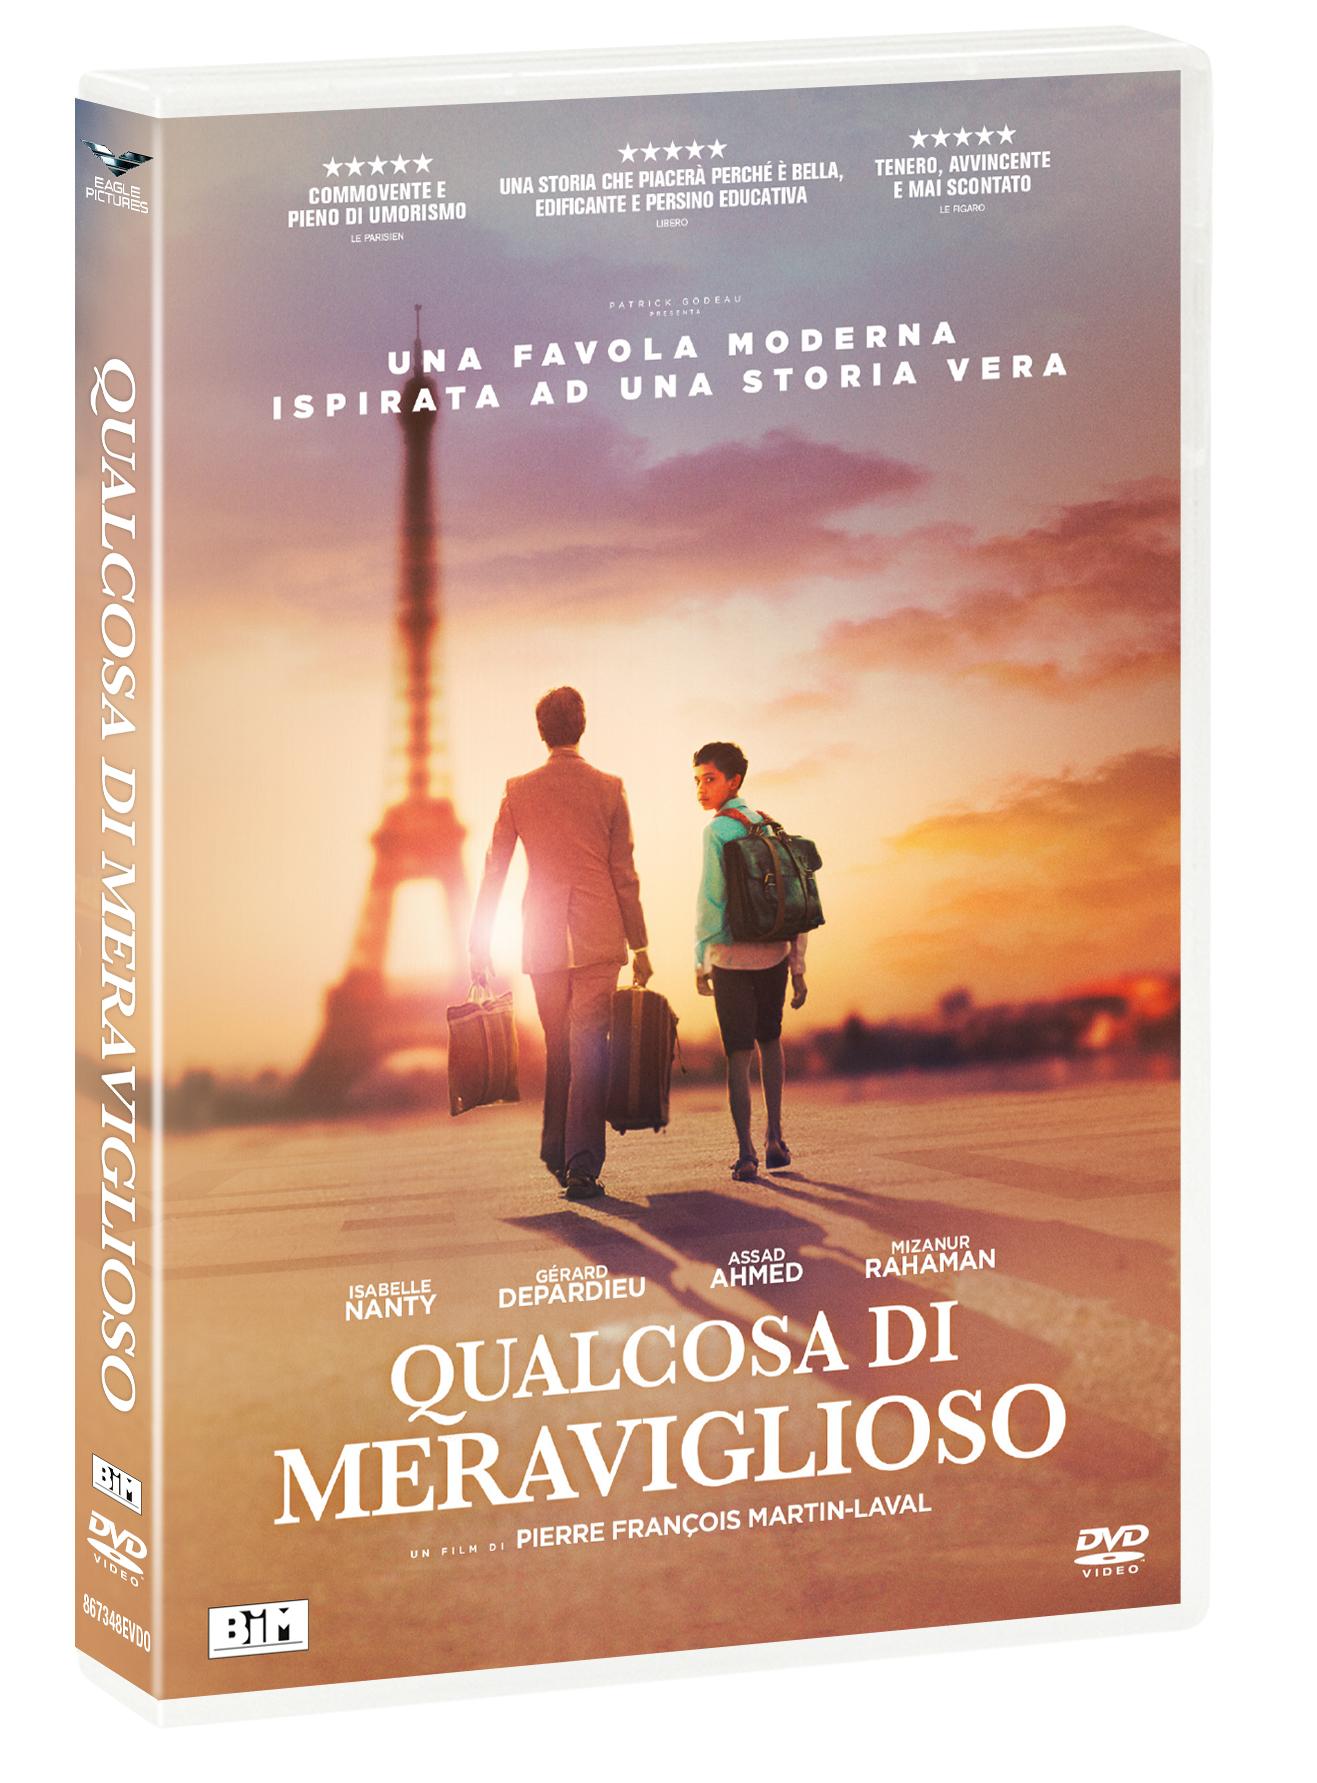 QUALCOSA DI MERAVIGLIOSO (DVD)